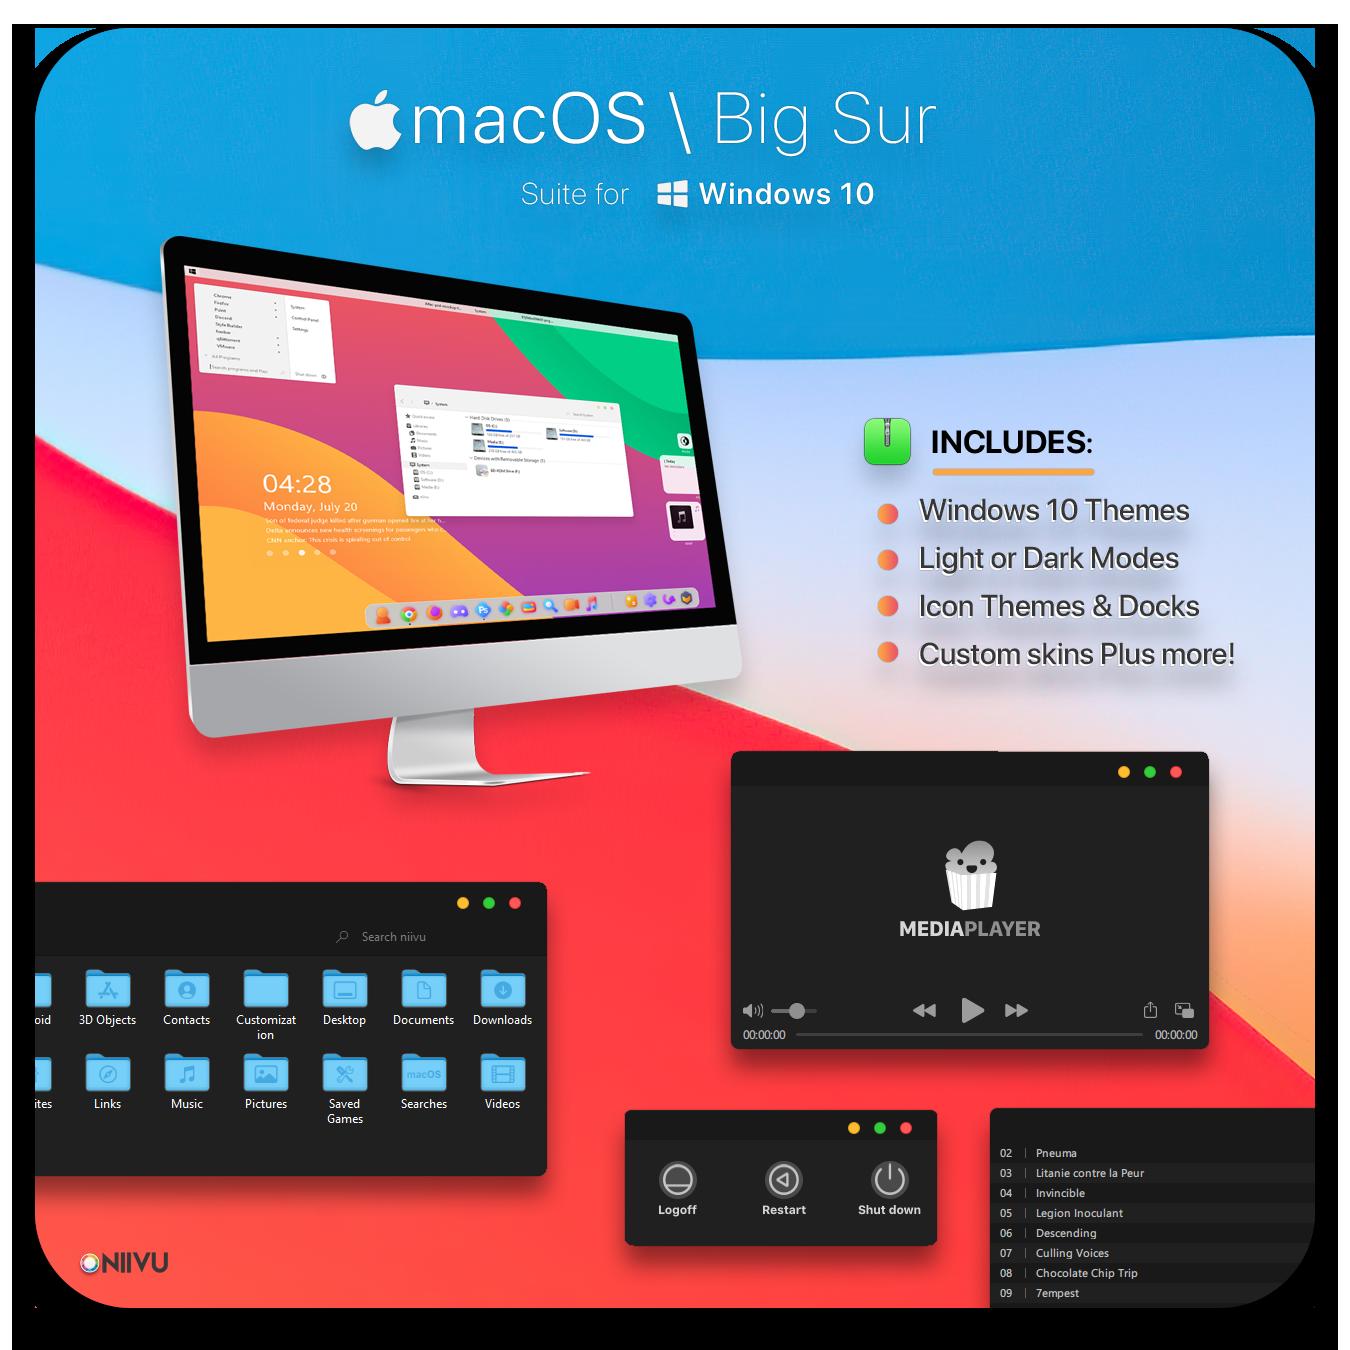 Big Sur Windows 10 Suite